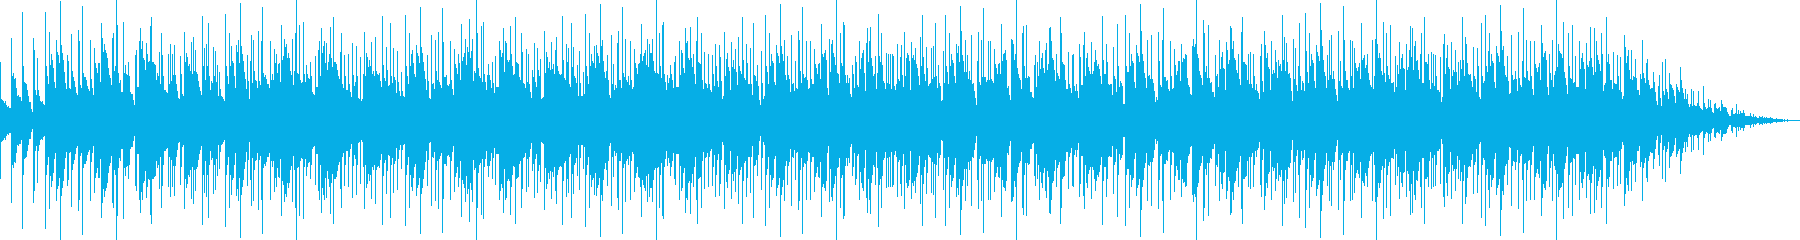 木琴を使った環境音楽の再生済みの波形